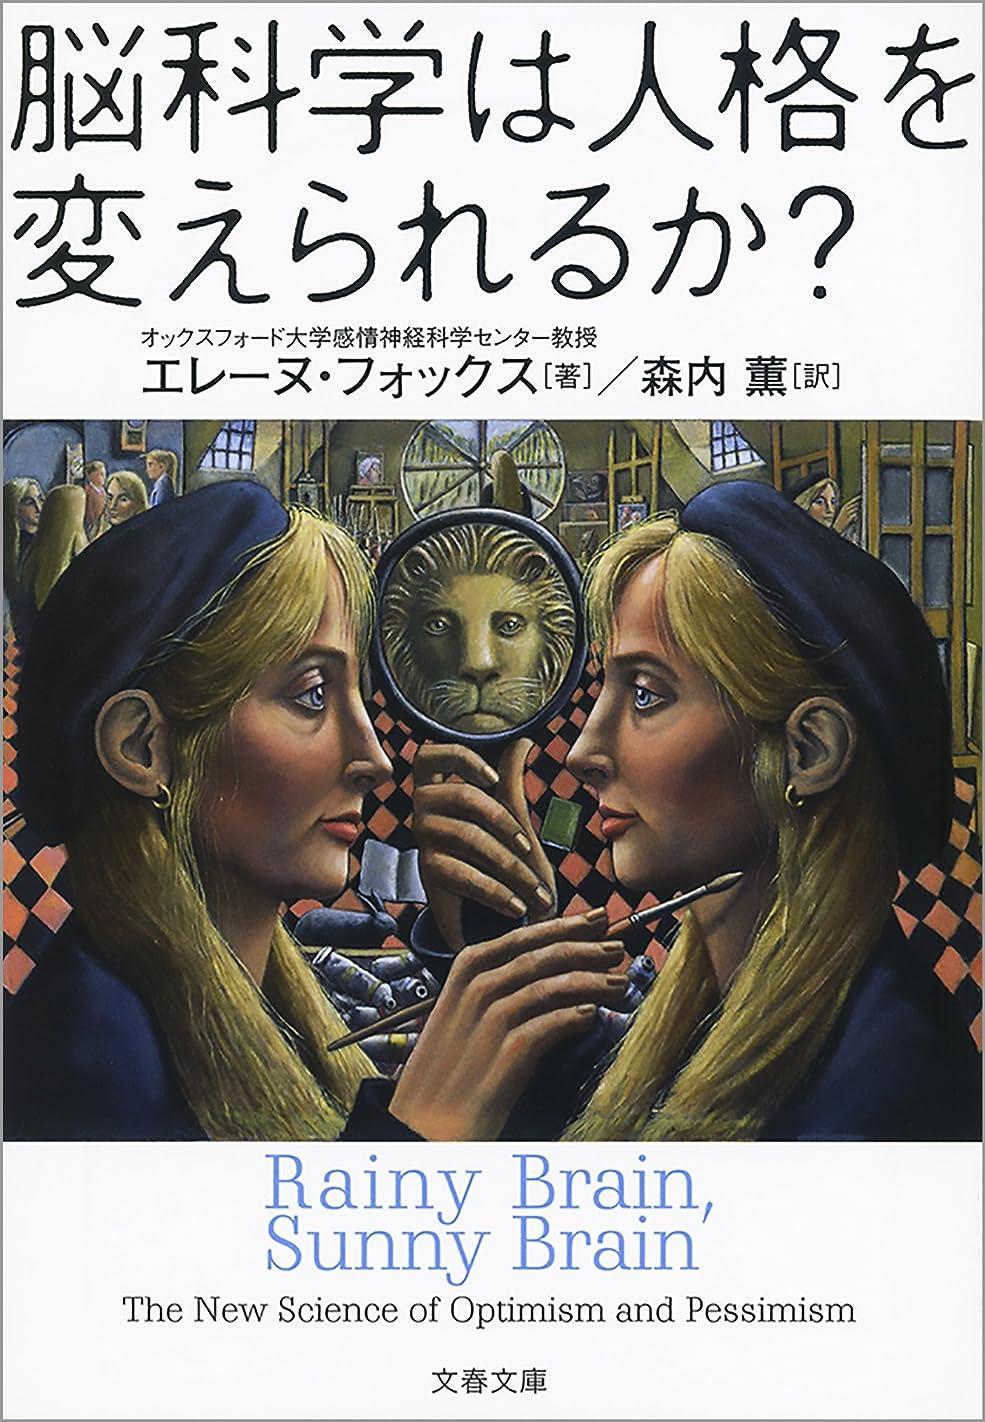 責め不完全な寓話脳科学は人格を変えられるか? (文春文庫)